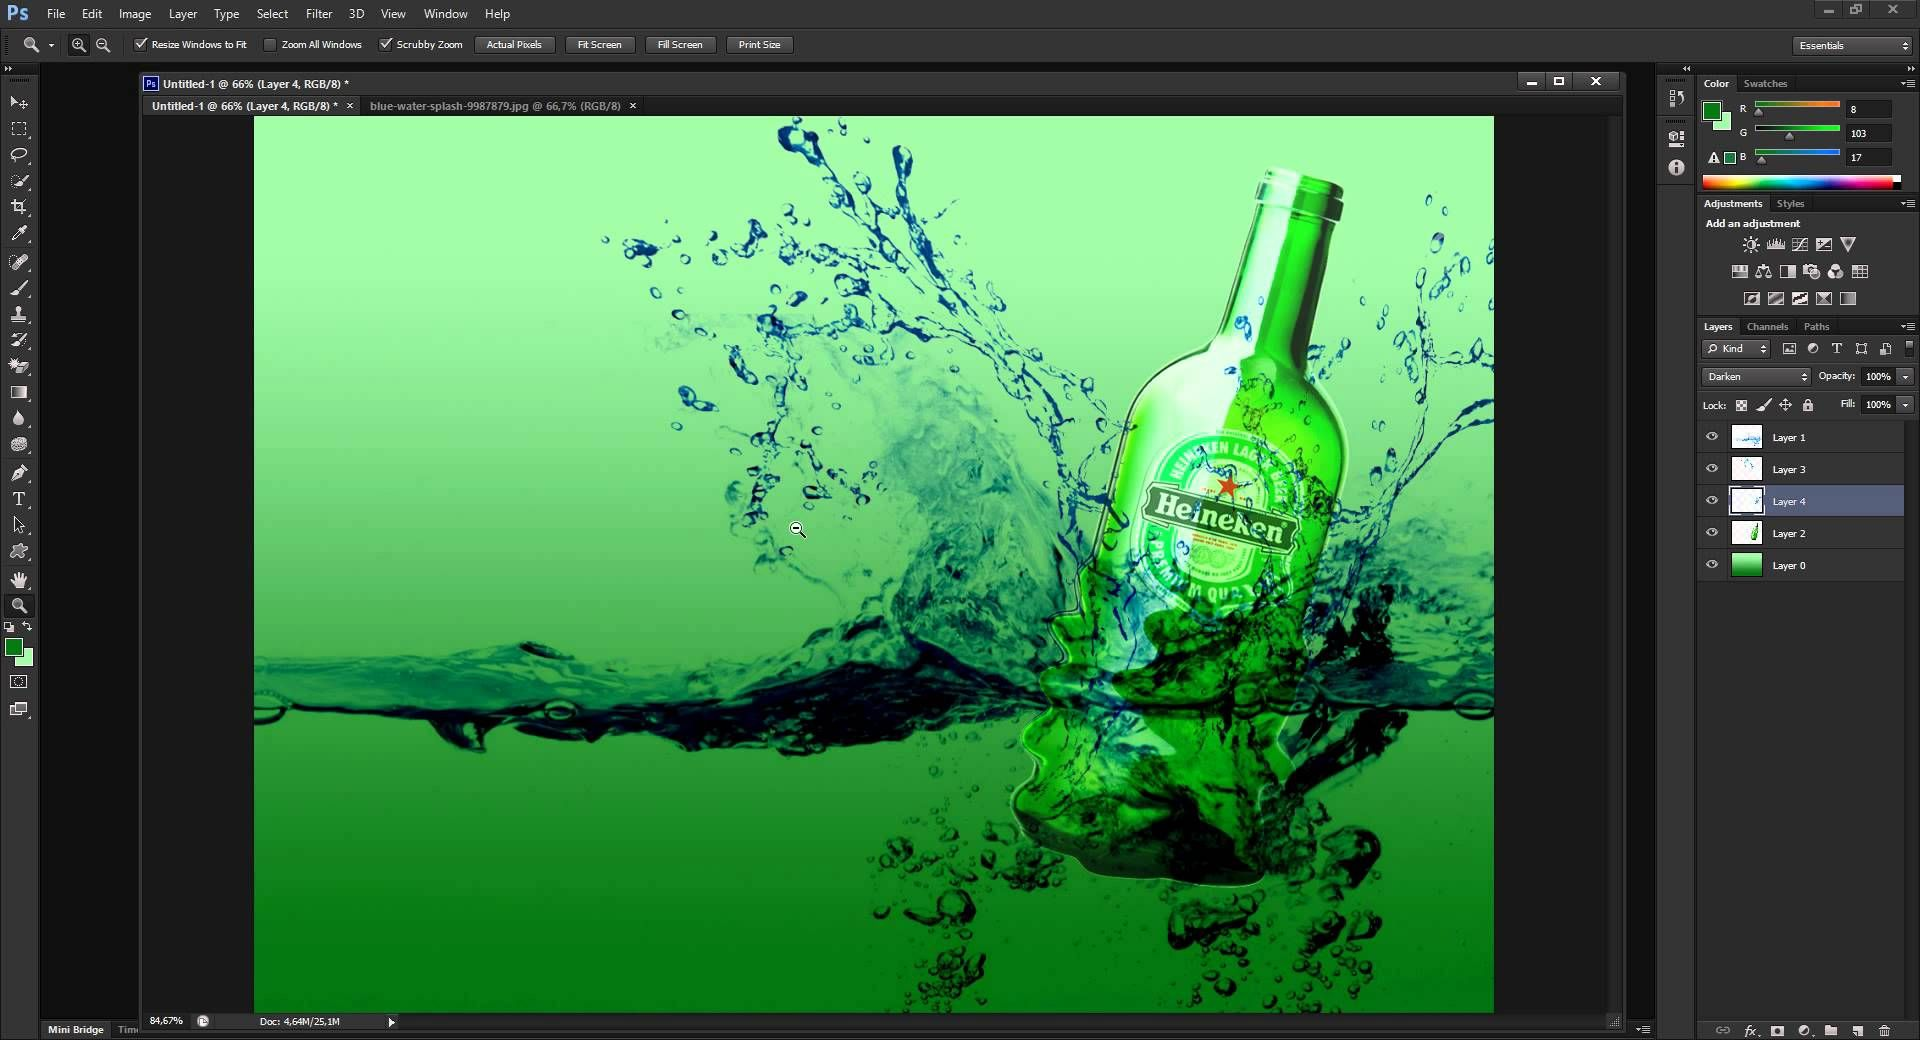 تصميم صورة احترافية للمشروبات بالفوتوشوب 1 Photoshop Cs6 Extended Photoshop Pandora Screenshot Enjoyment